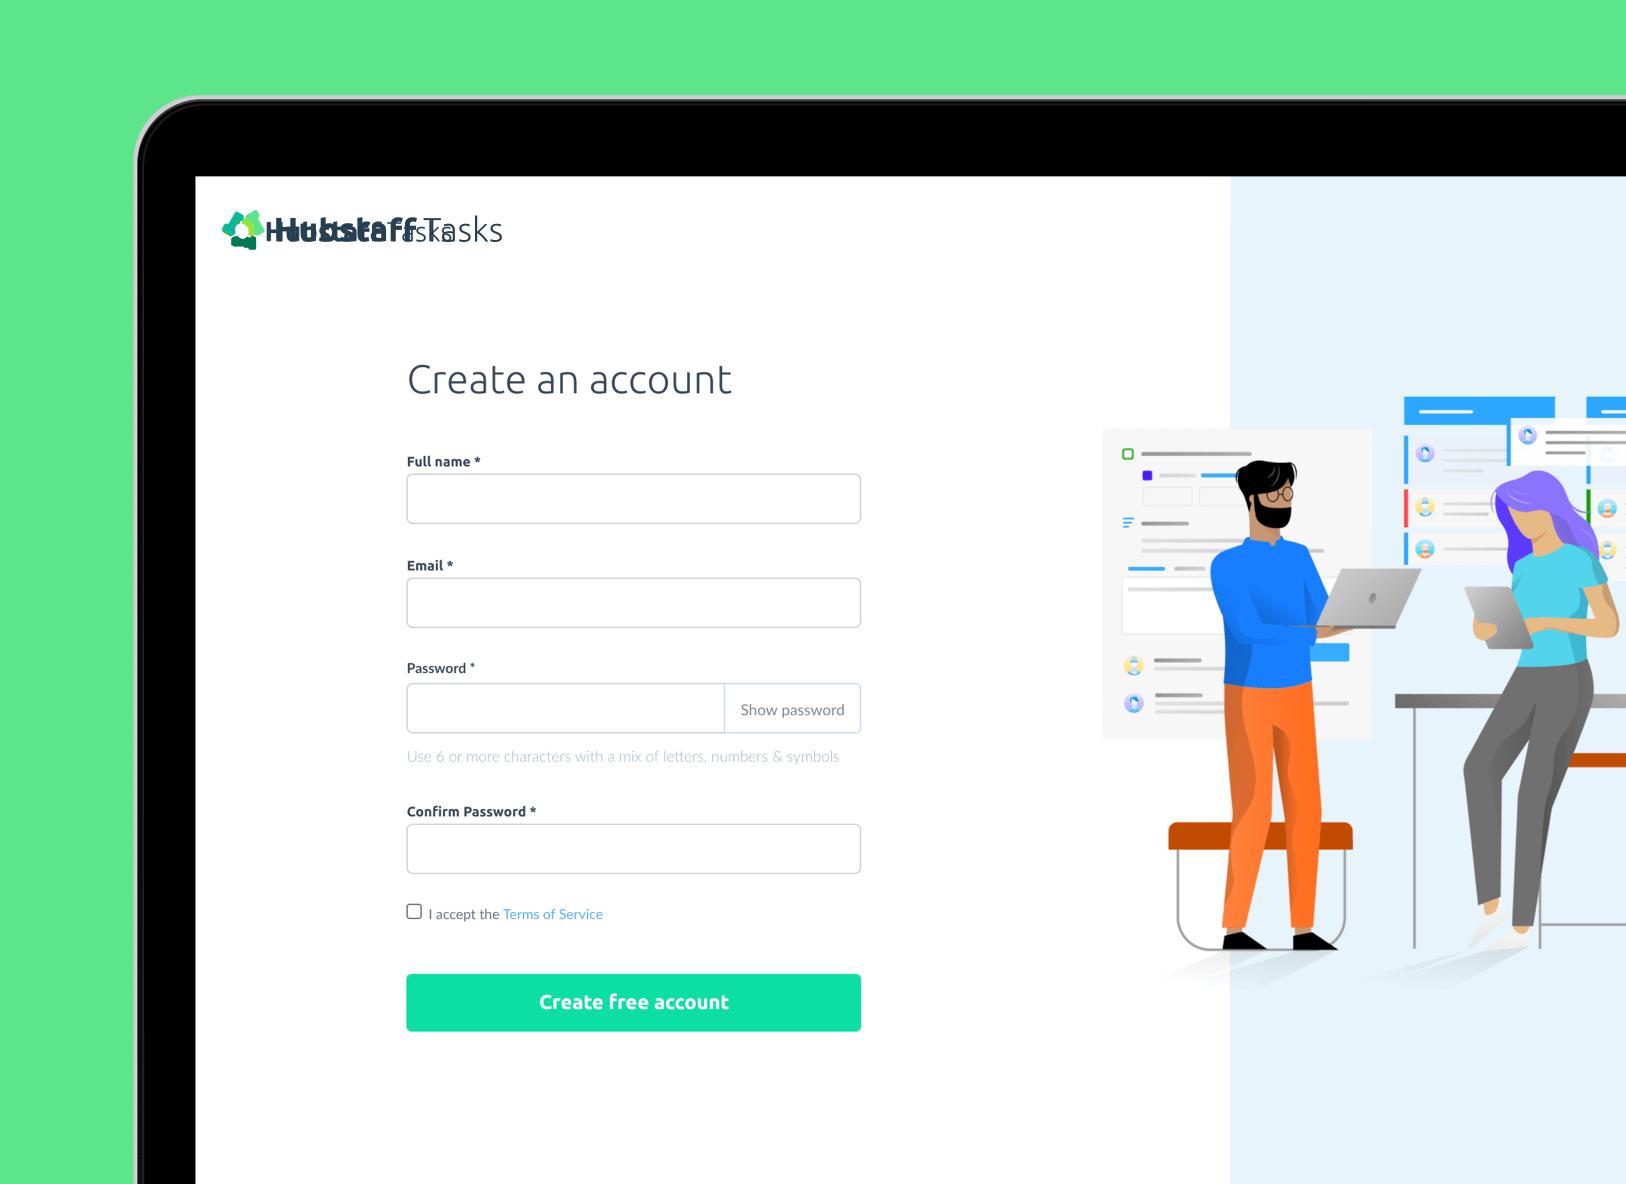 create an account in Hubstaff Tasks